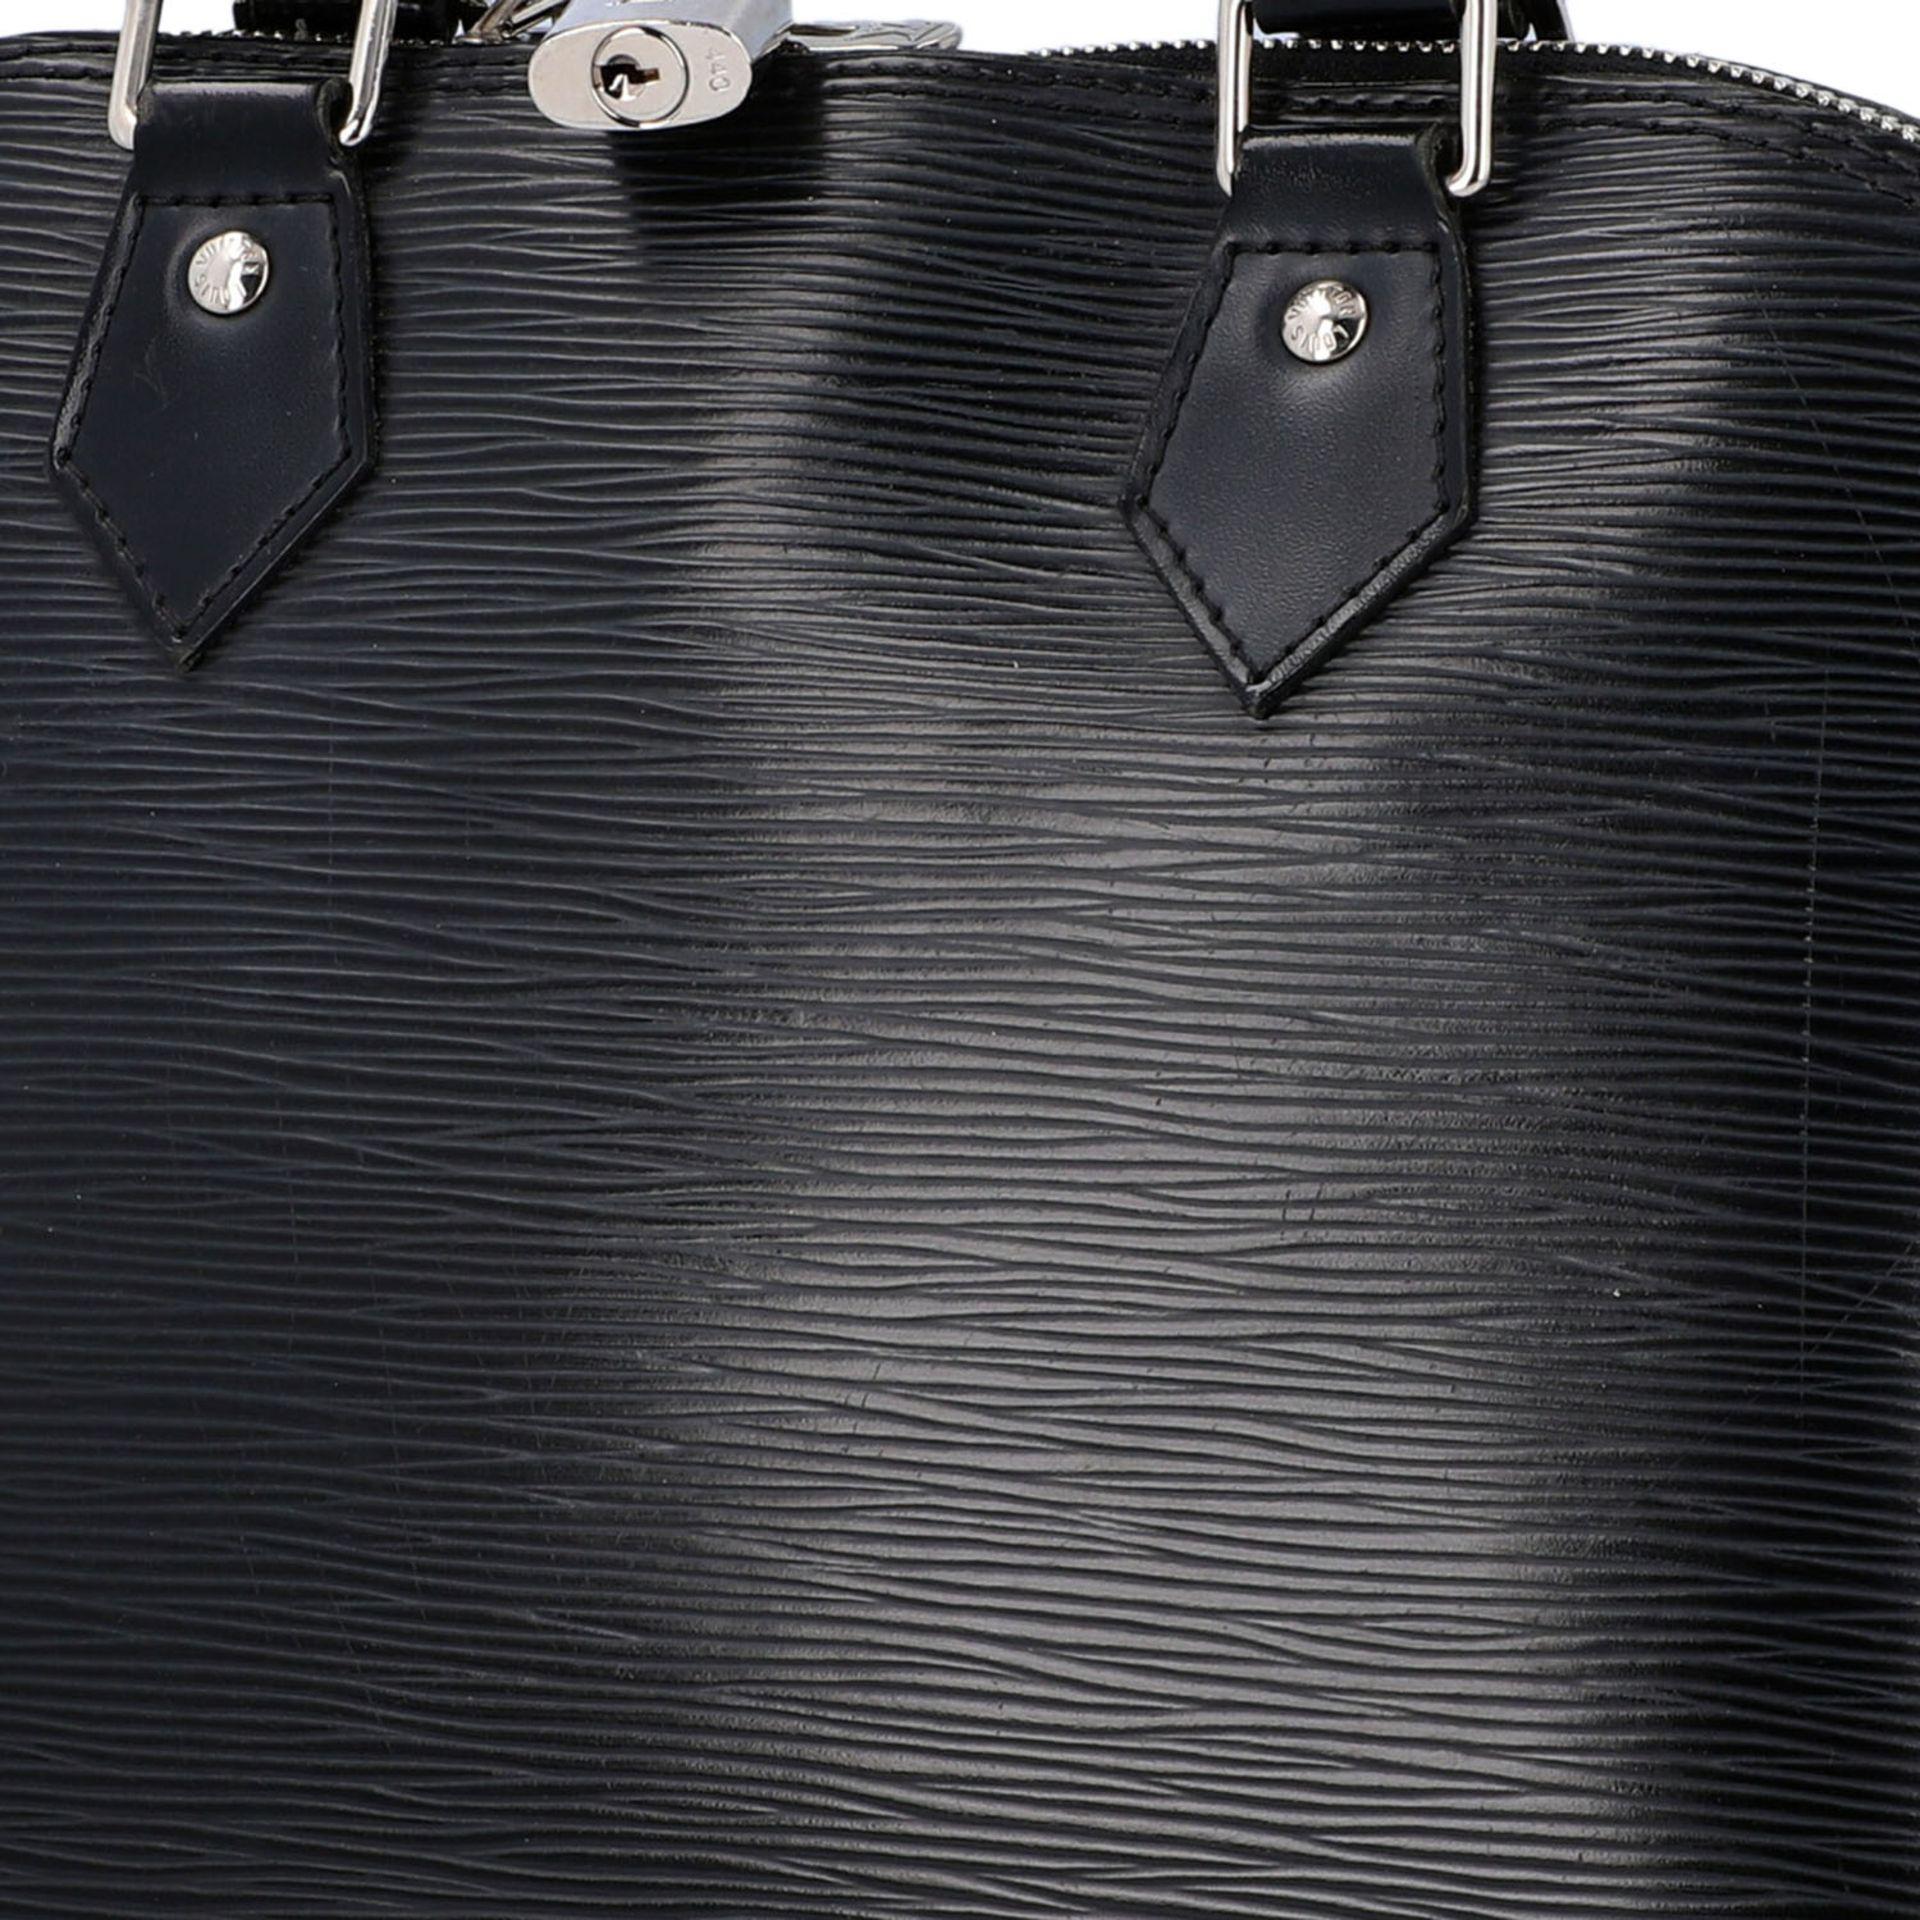 """LOUIS VUITTON Handtasche """"ALMA PM"""", Koll. 2011.Akt. NP.: 1.680,-€. Epi Leder Serie in Schwarz mit - Bild 7 aus 8"""